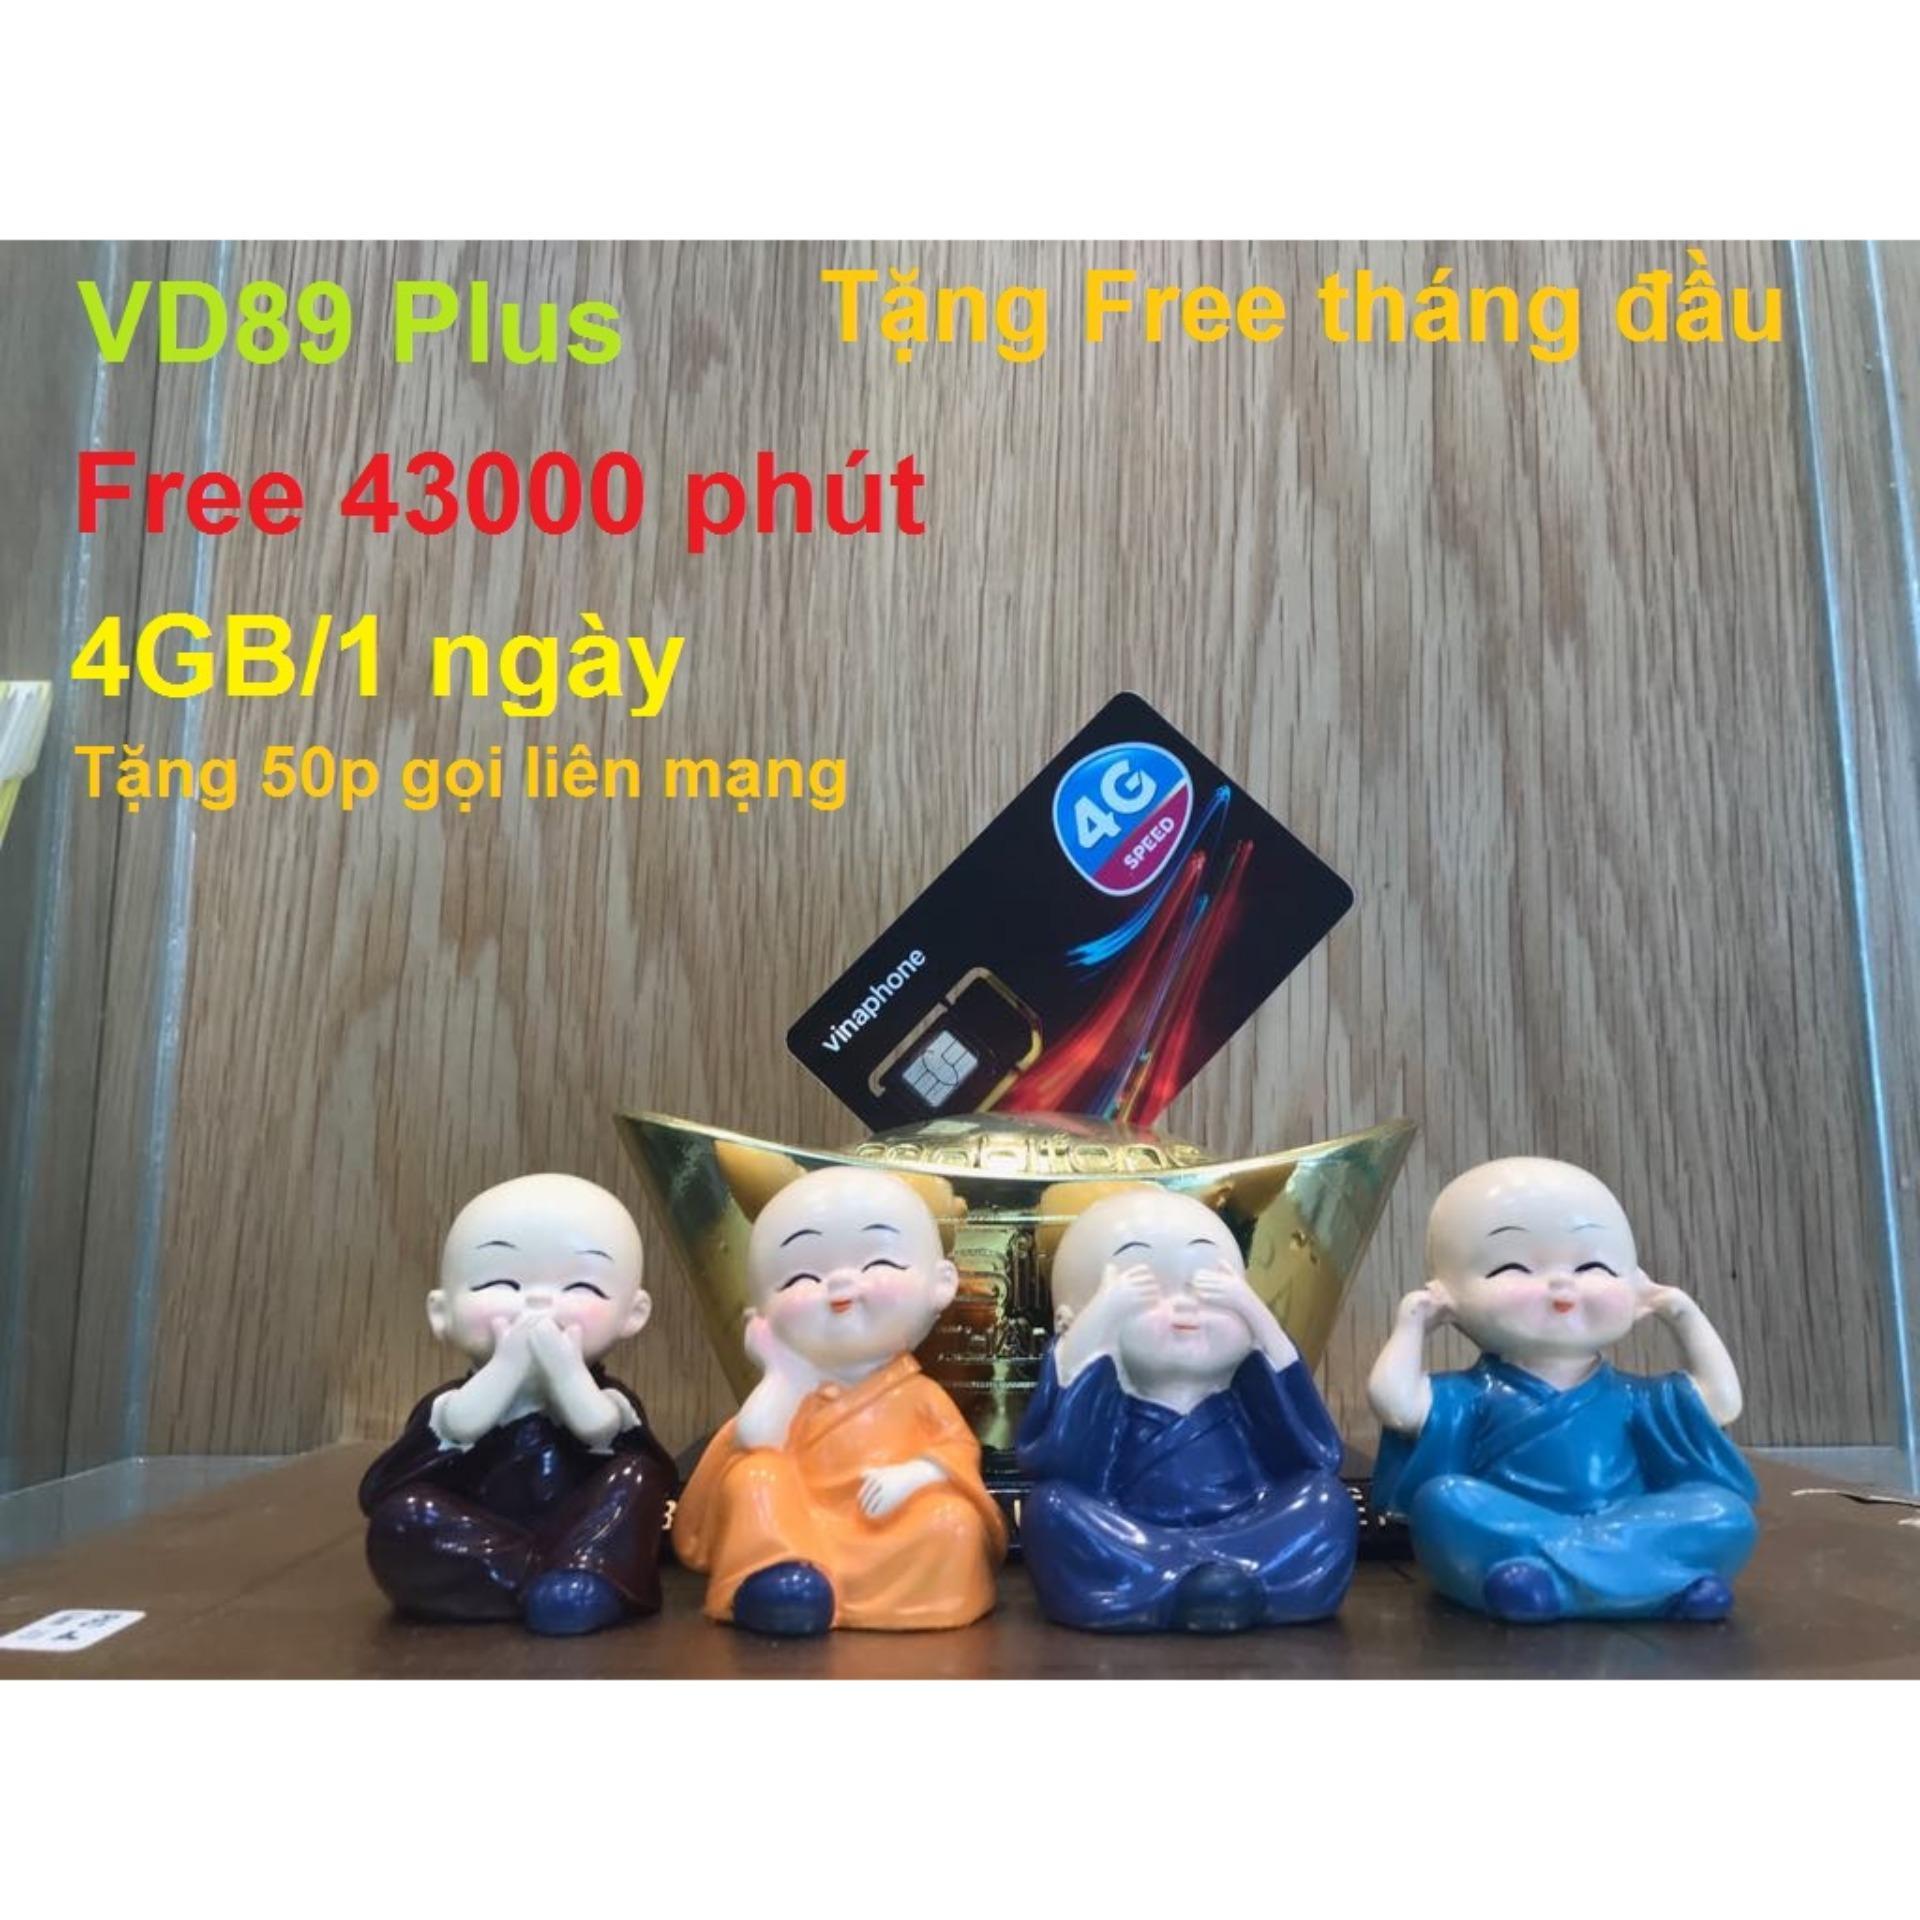 Giá Bán Sim 4G Vina Gold Vd89P 120Gb Thang Miễn Phi 43 000 Phut Gọi Thang Sim 10 Số Trong Hồ Chí Minh